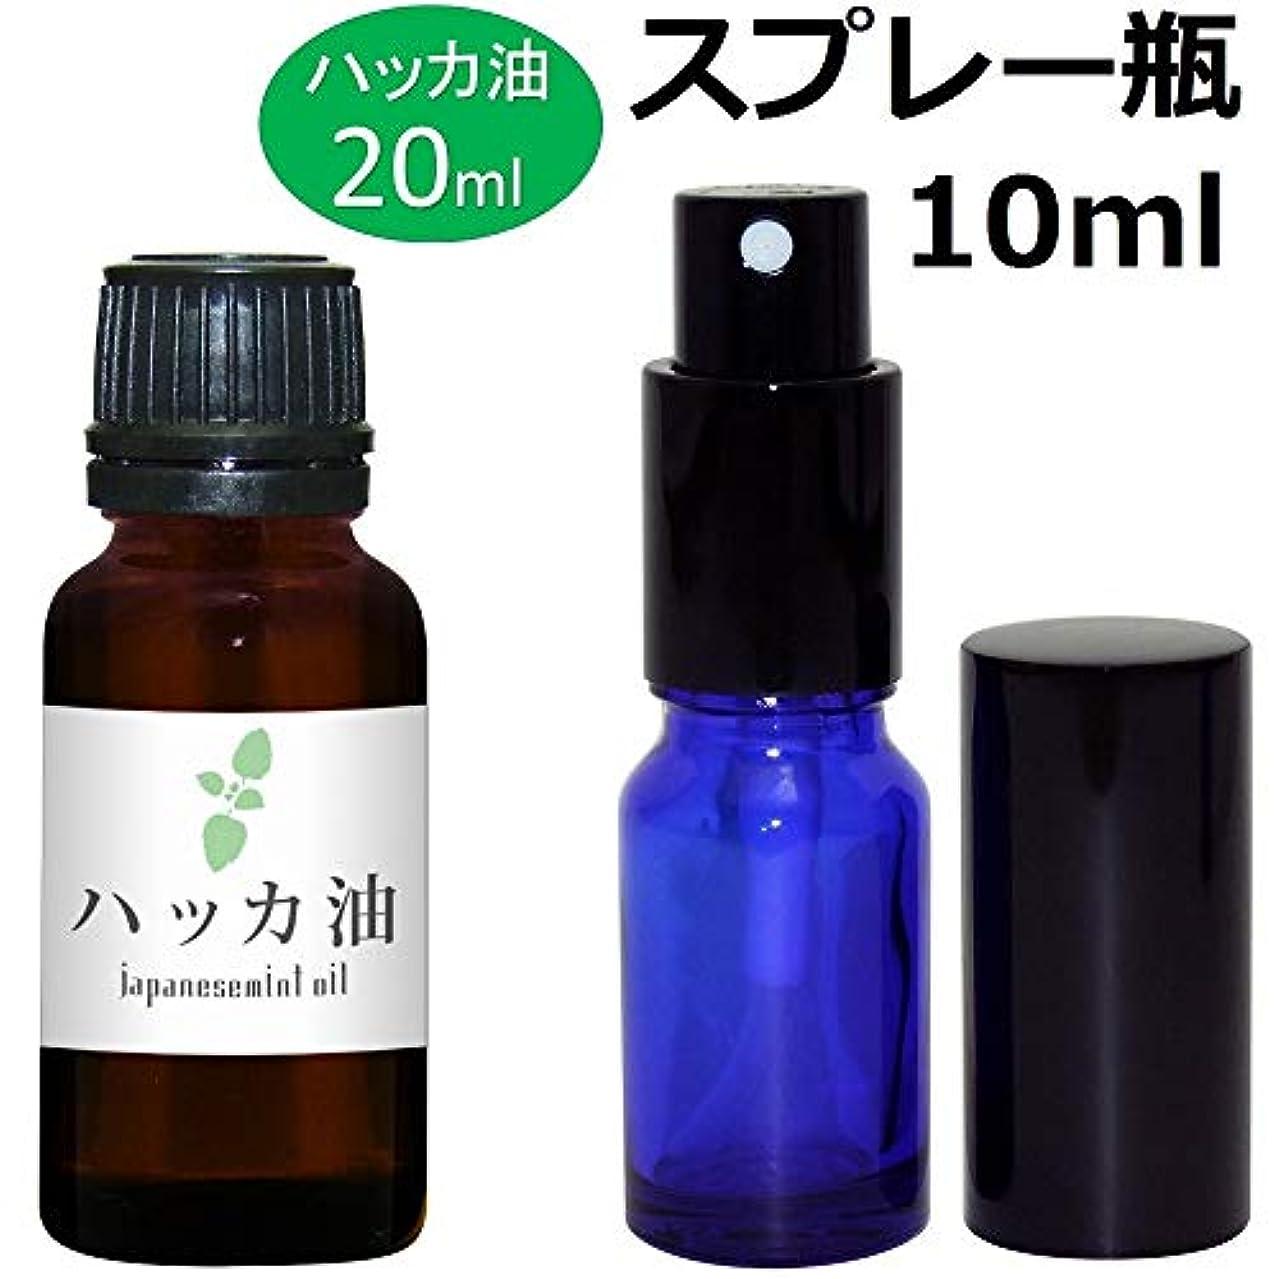 名誉尊敬する篭ガレージ?ゼロ ハッカ油 20ml(GZAK12)+ガラス瓶 スプレーボトル10ml/和種薄荷/ジャパニーズミント GSE533